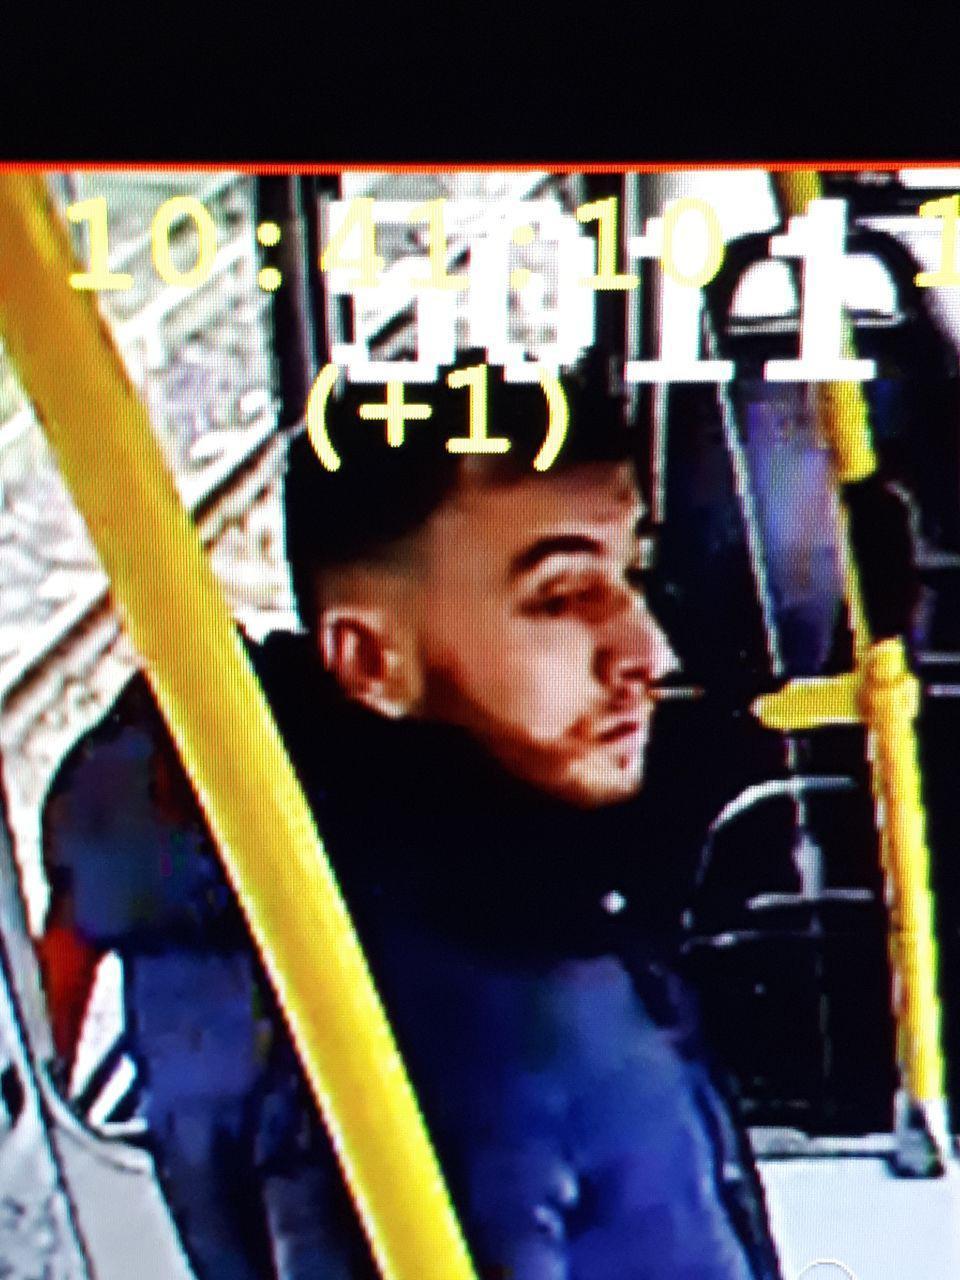 Utrecht: pubblicata foto del sospetto